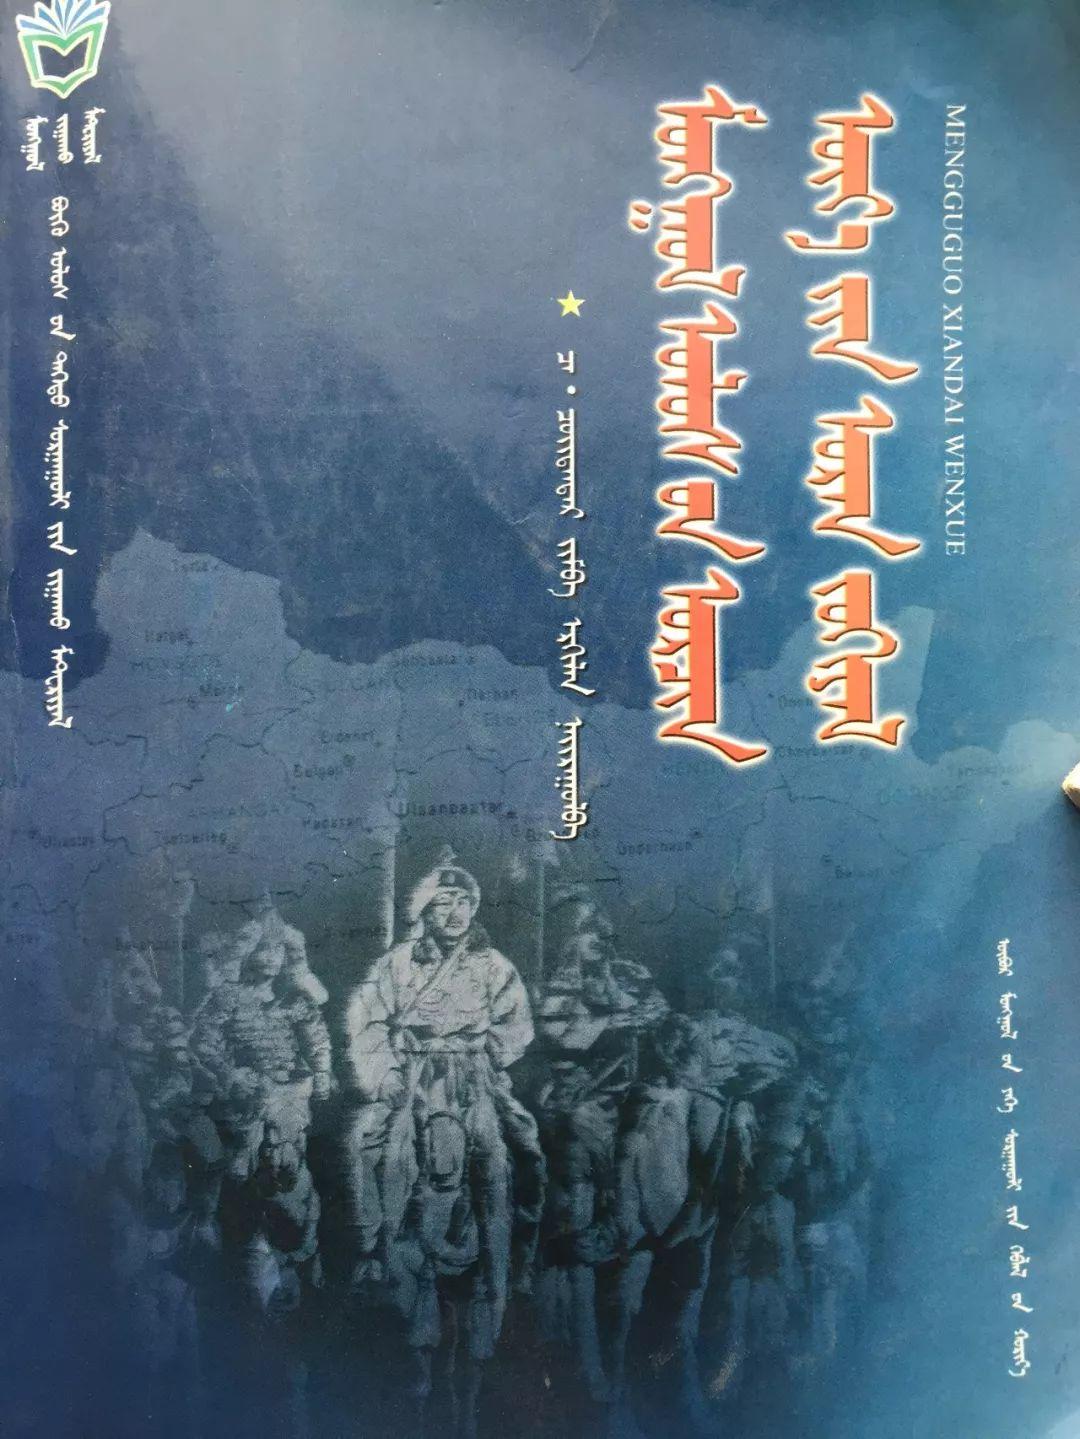 对于蒙古国文学,我们了解多少(以大学相关教材为例) 第10张